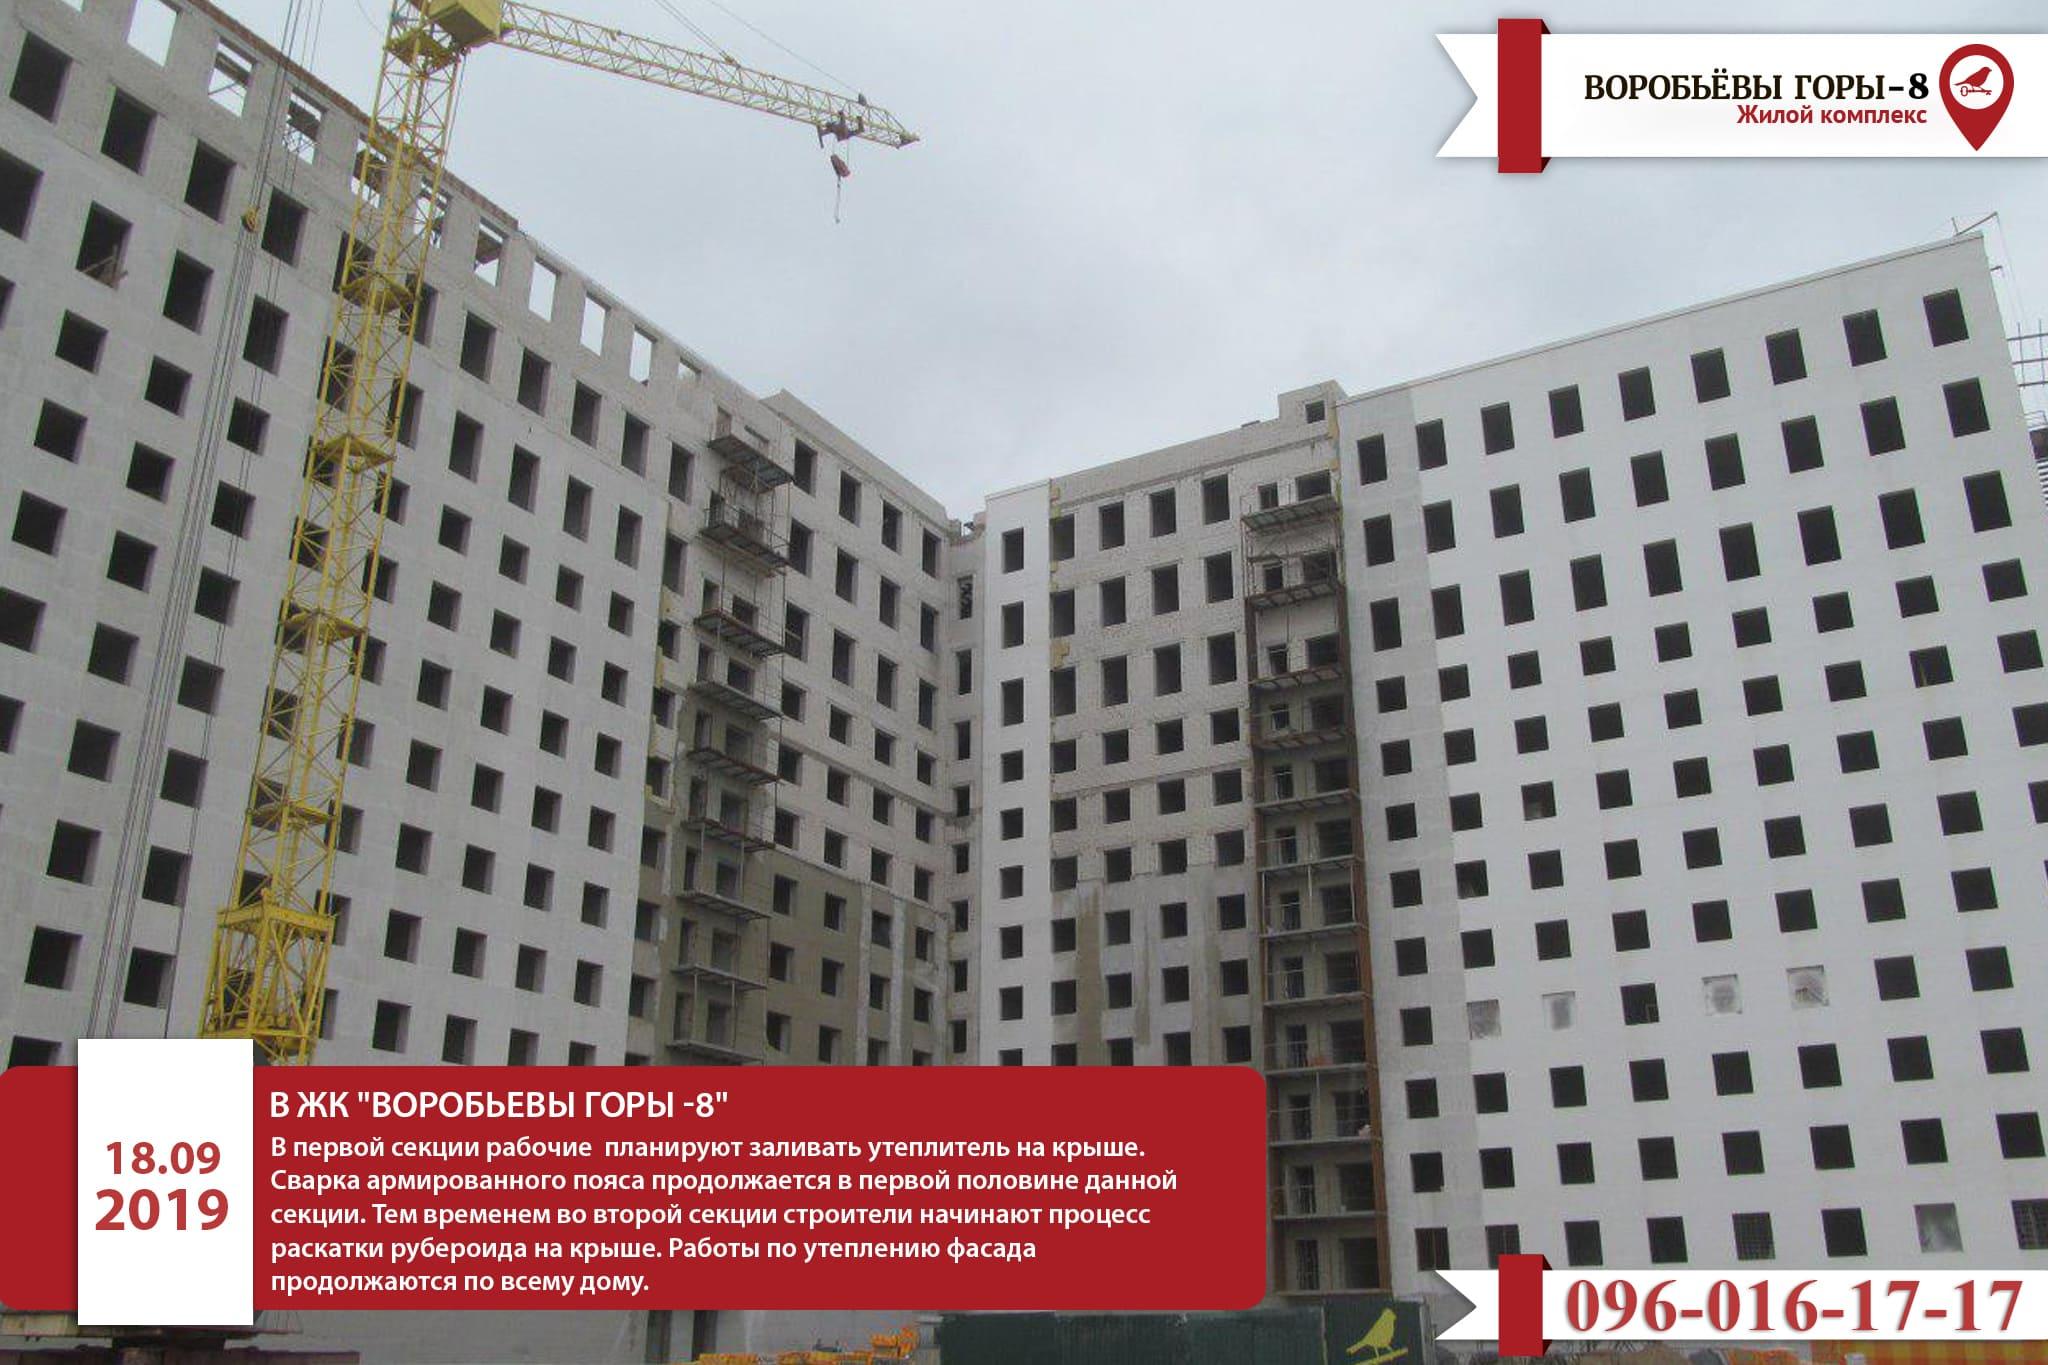 """Как продвигается строительство ЖК """"Воробьевы горы-8""""?"""